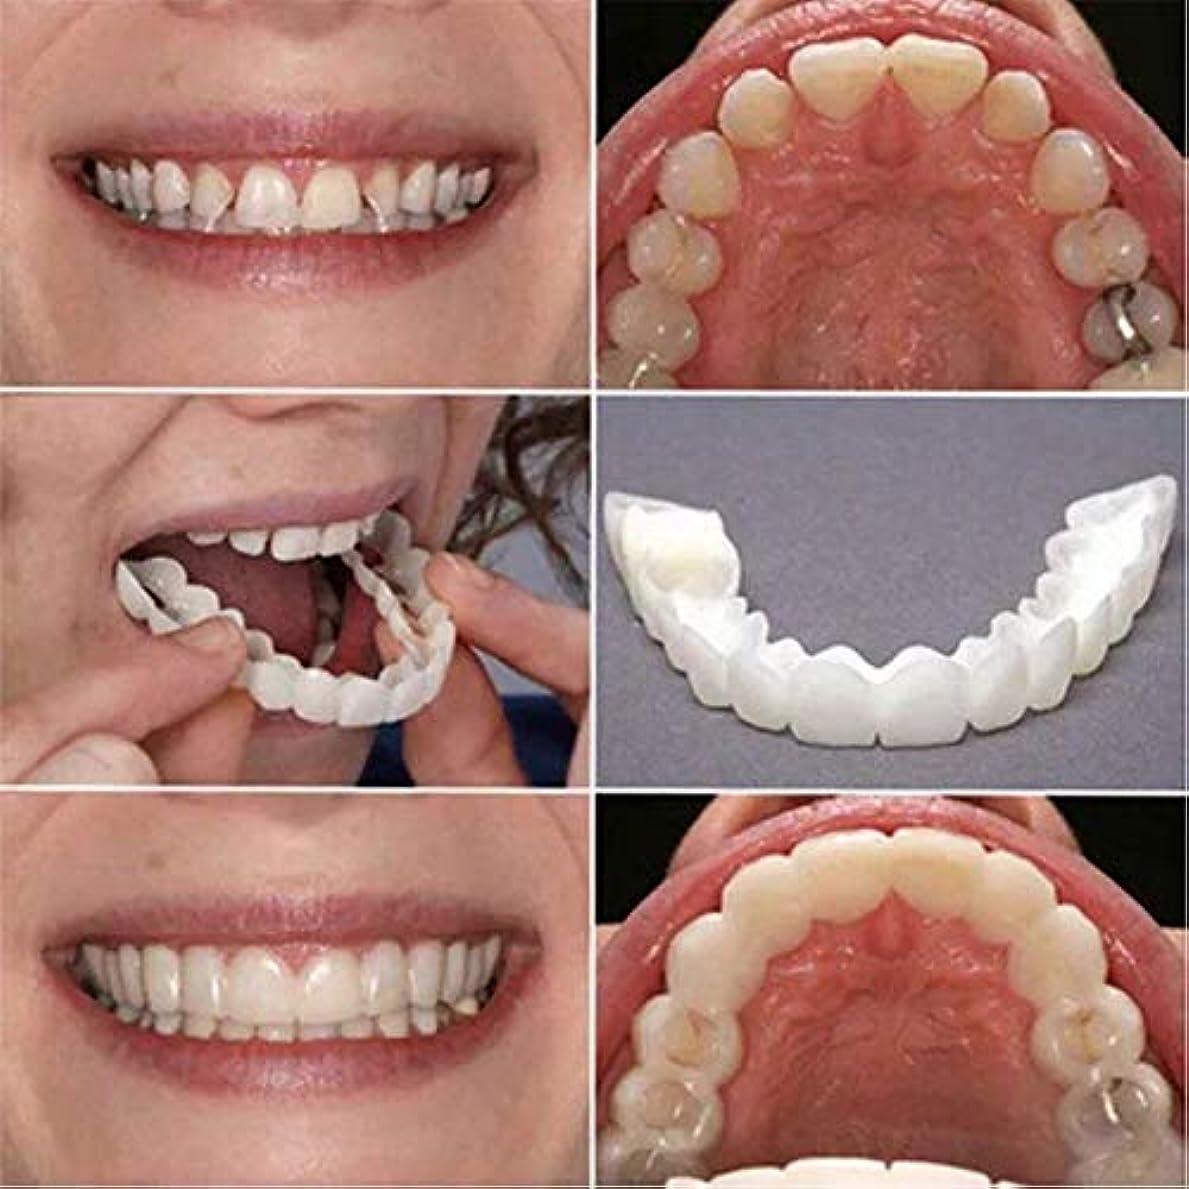 輪郭ズボン交渉する2個の歯ピースフィッティング快適なフィット歯のソケット義歯口腔用品矯正アクセティース 笑顔を保つ